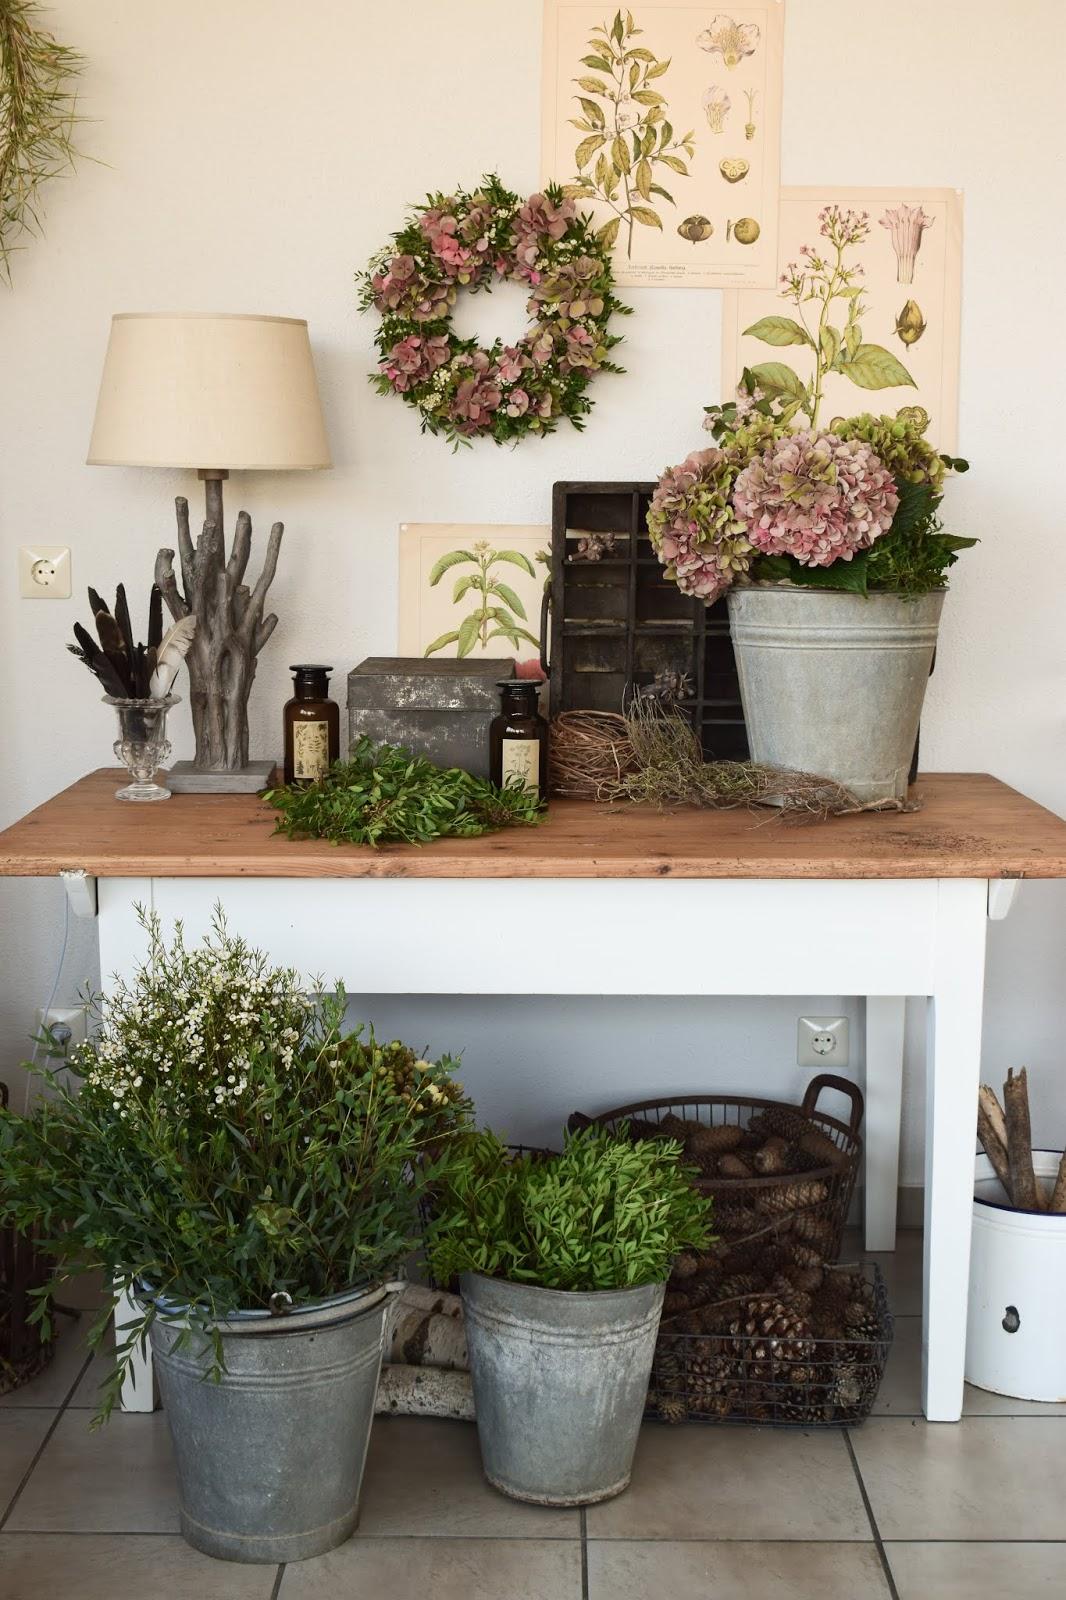 DIY Hortensienkranz selber machen: Kranz aus Hortensien, Wachsblumen, Pistazie binden kranzen. Herbst Herbstkranz herbstliche Dekoidee Naturdeko selbstgemacht